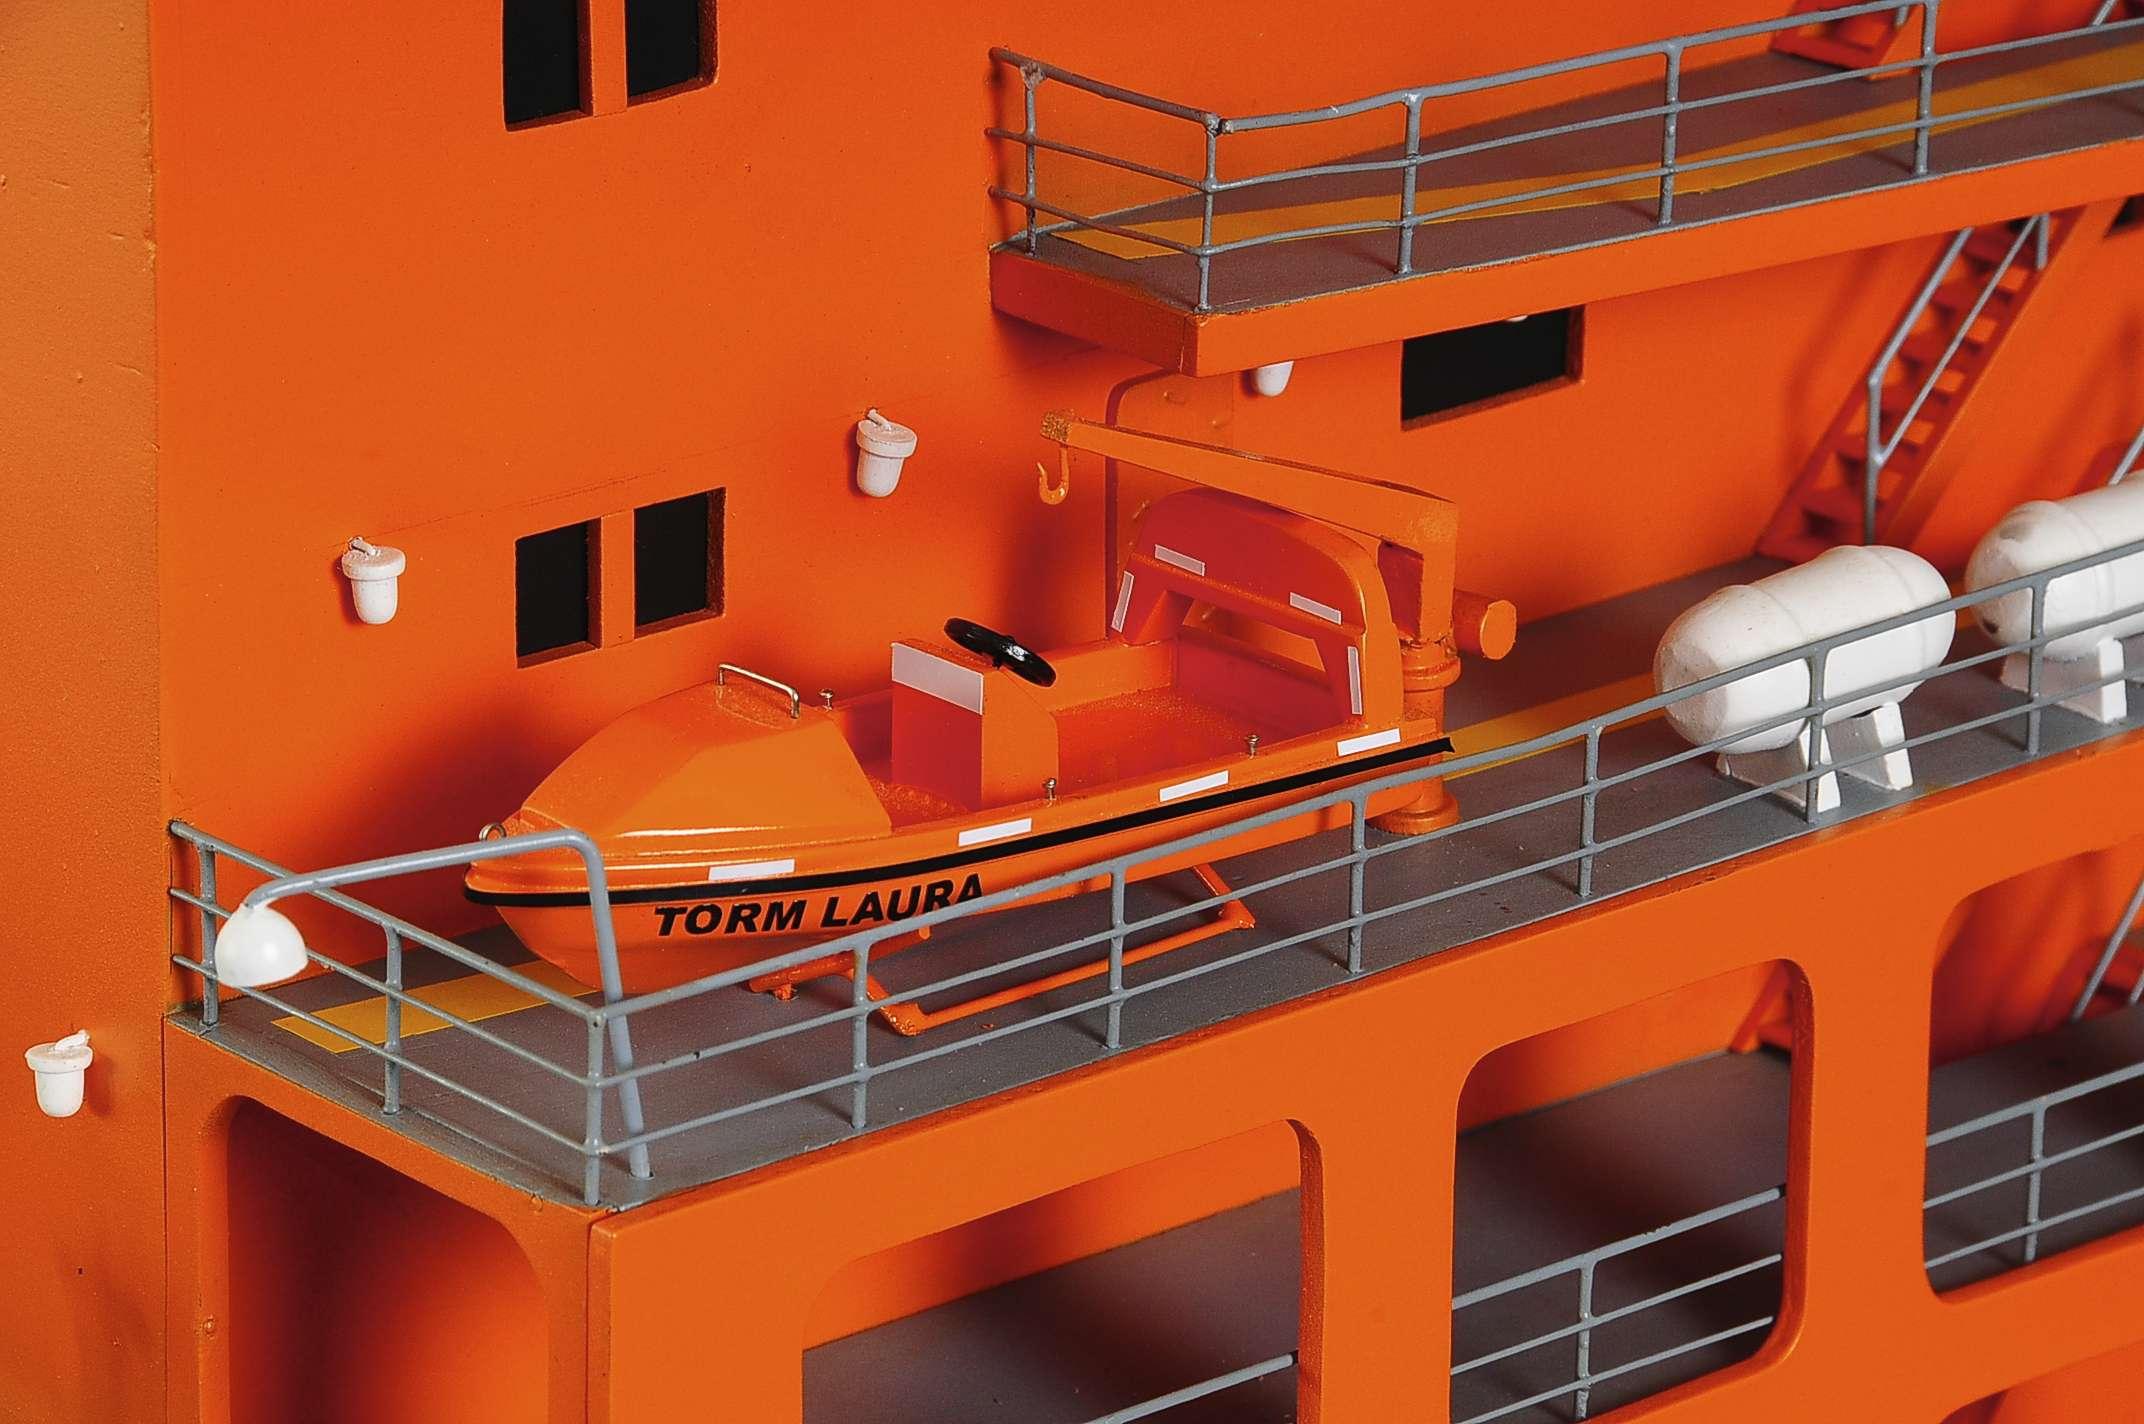 1426-4793-Oil-Tanker-Model-Ship